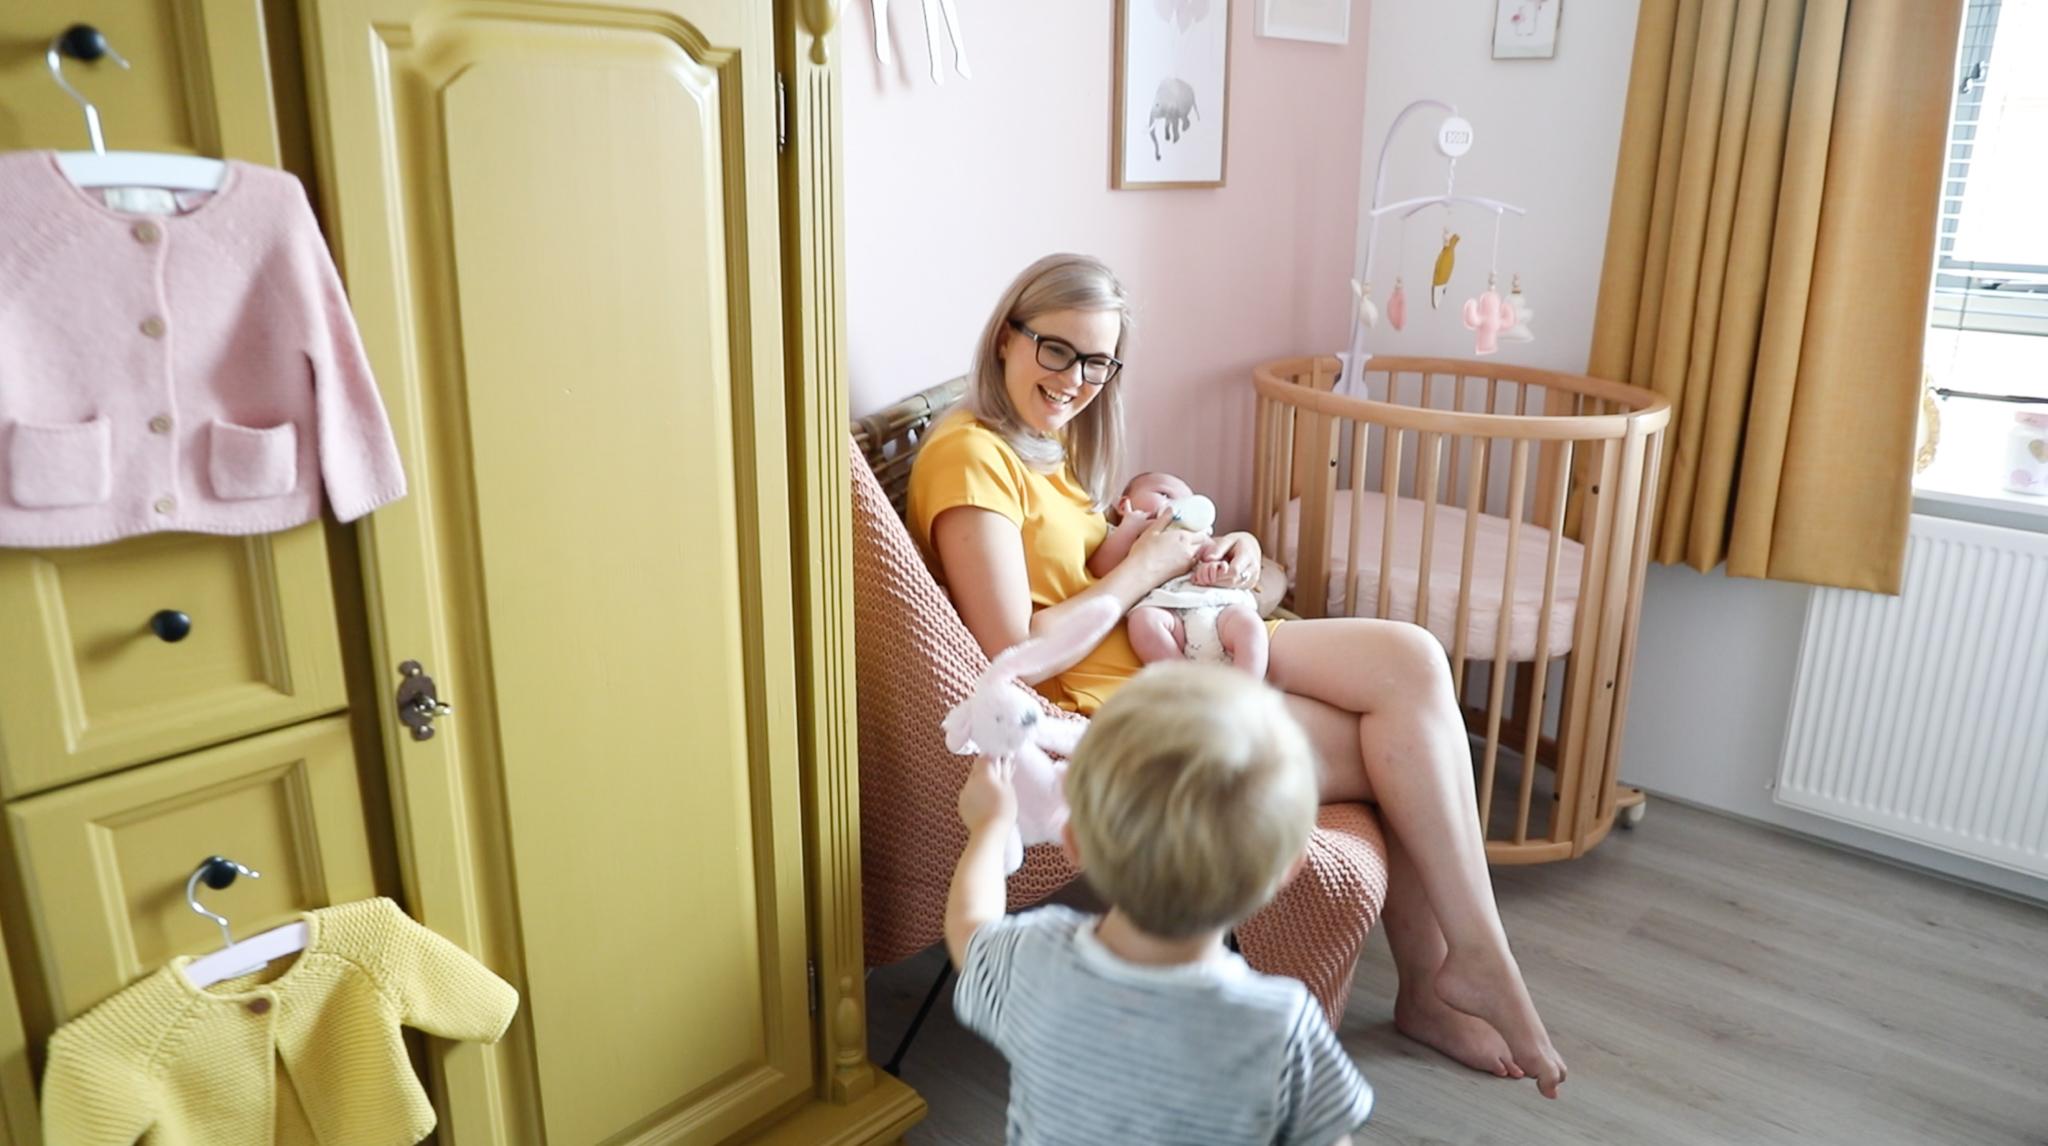 2018 07 31 om 19.10.09 - Hazel drie maanden oud - Update!